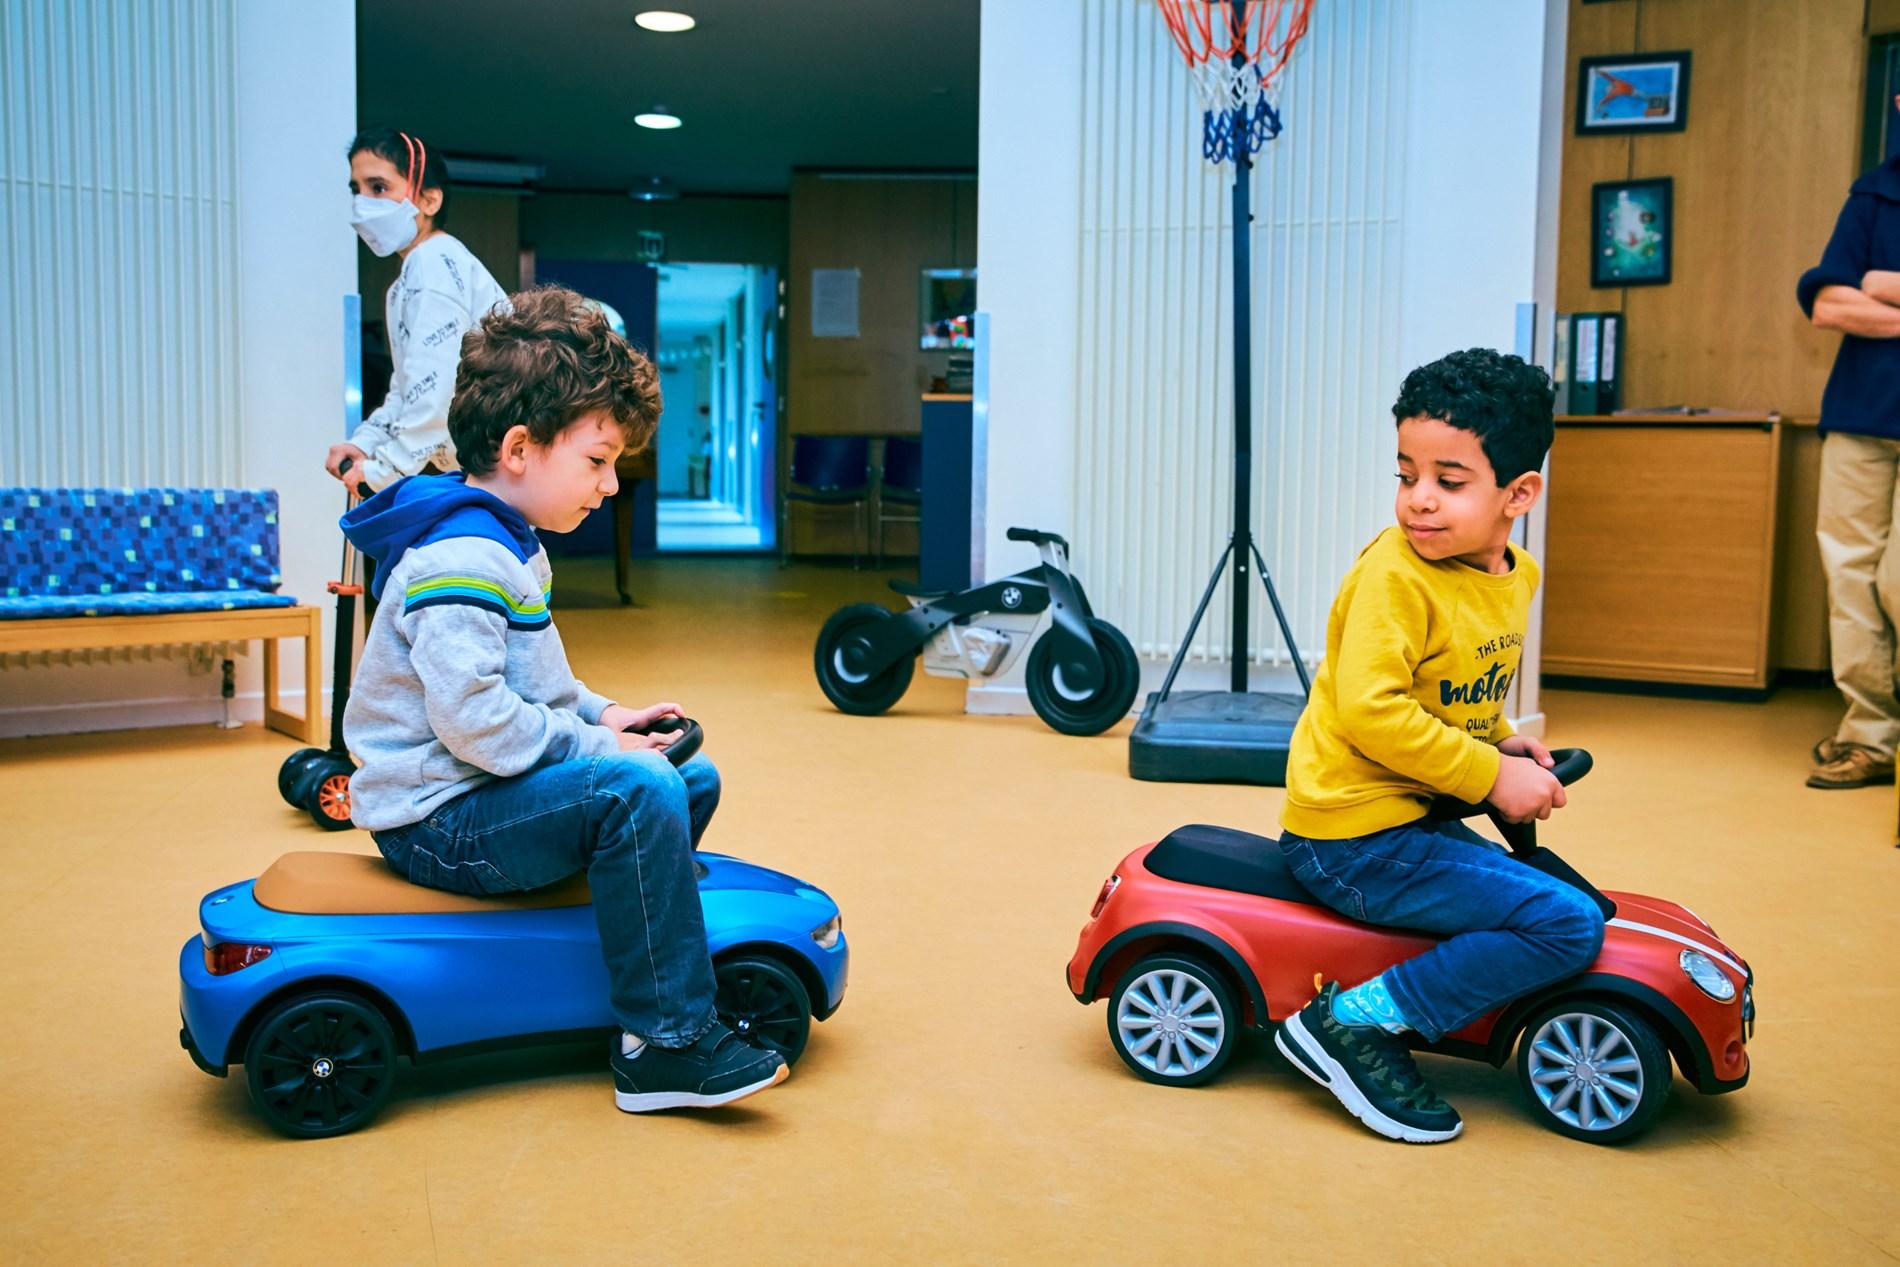 Concessiehouders BMW Group in de bres voor zieke kinderen.